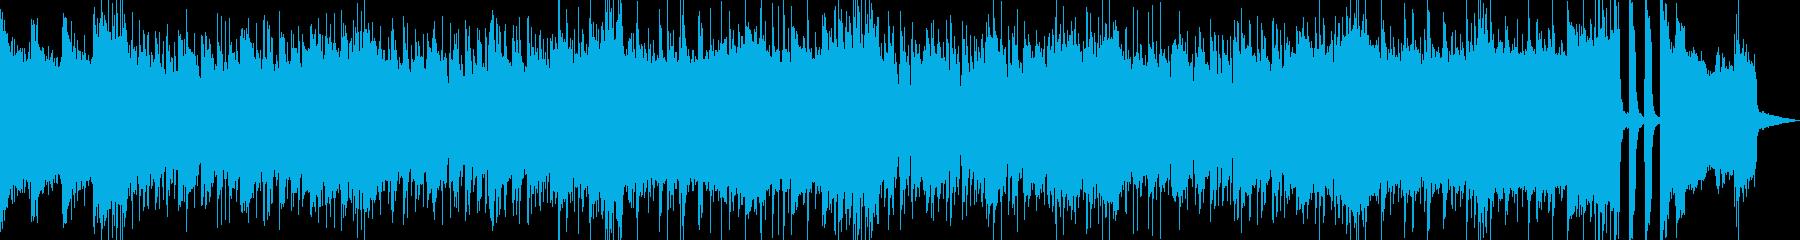 攻撃的な8ビートロックの再生済みの波形